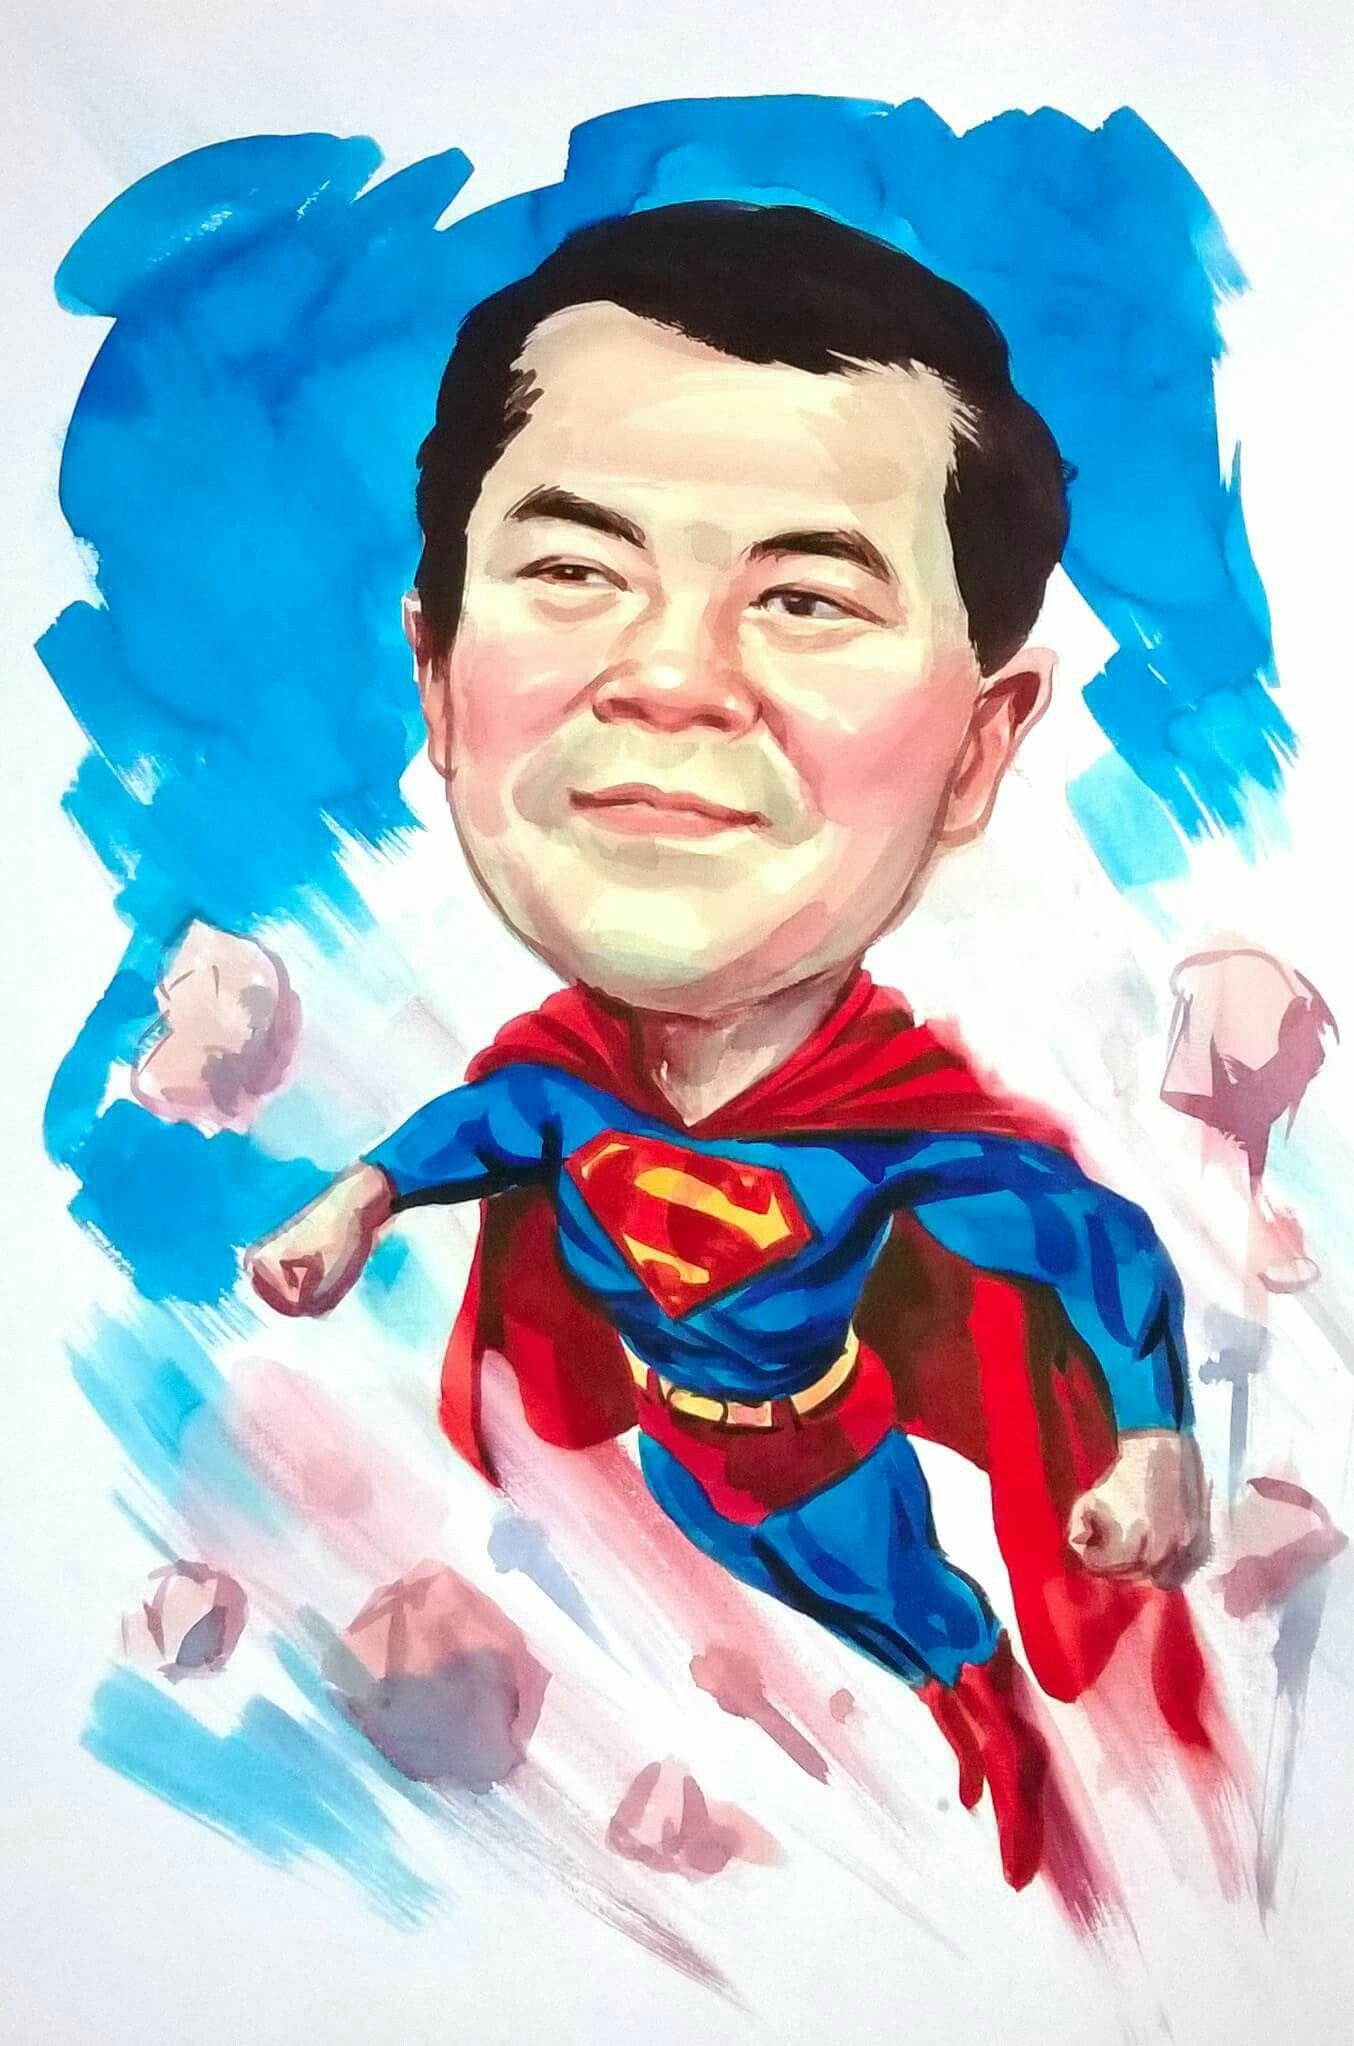 ป กพ นโดย Andre Luis ใน การ ต นล อเล ยนน าร ก Caricature By Ma Aof ภาพ วาดการ ต น ศ ลปะ